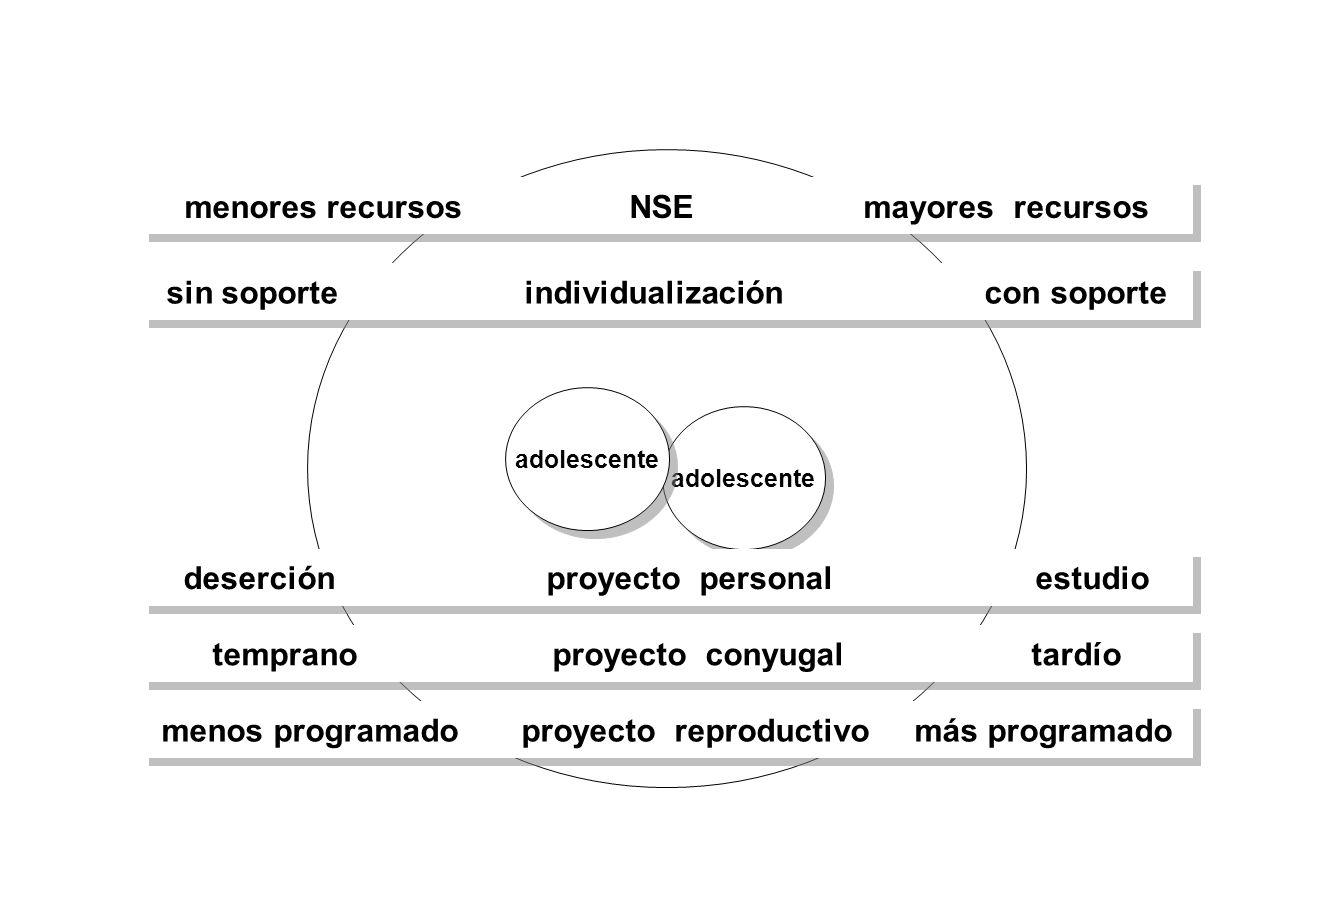 adolescente sin soporte individualización con soporte temprano proyecto conyugal tardío menores recursos NSE mayores recursos deserción proyecto perso